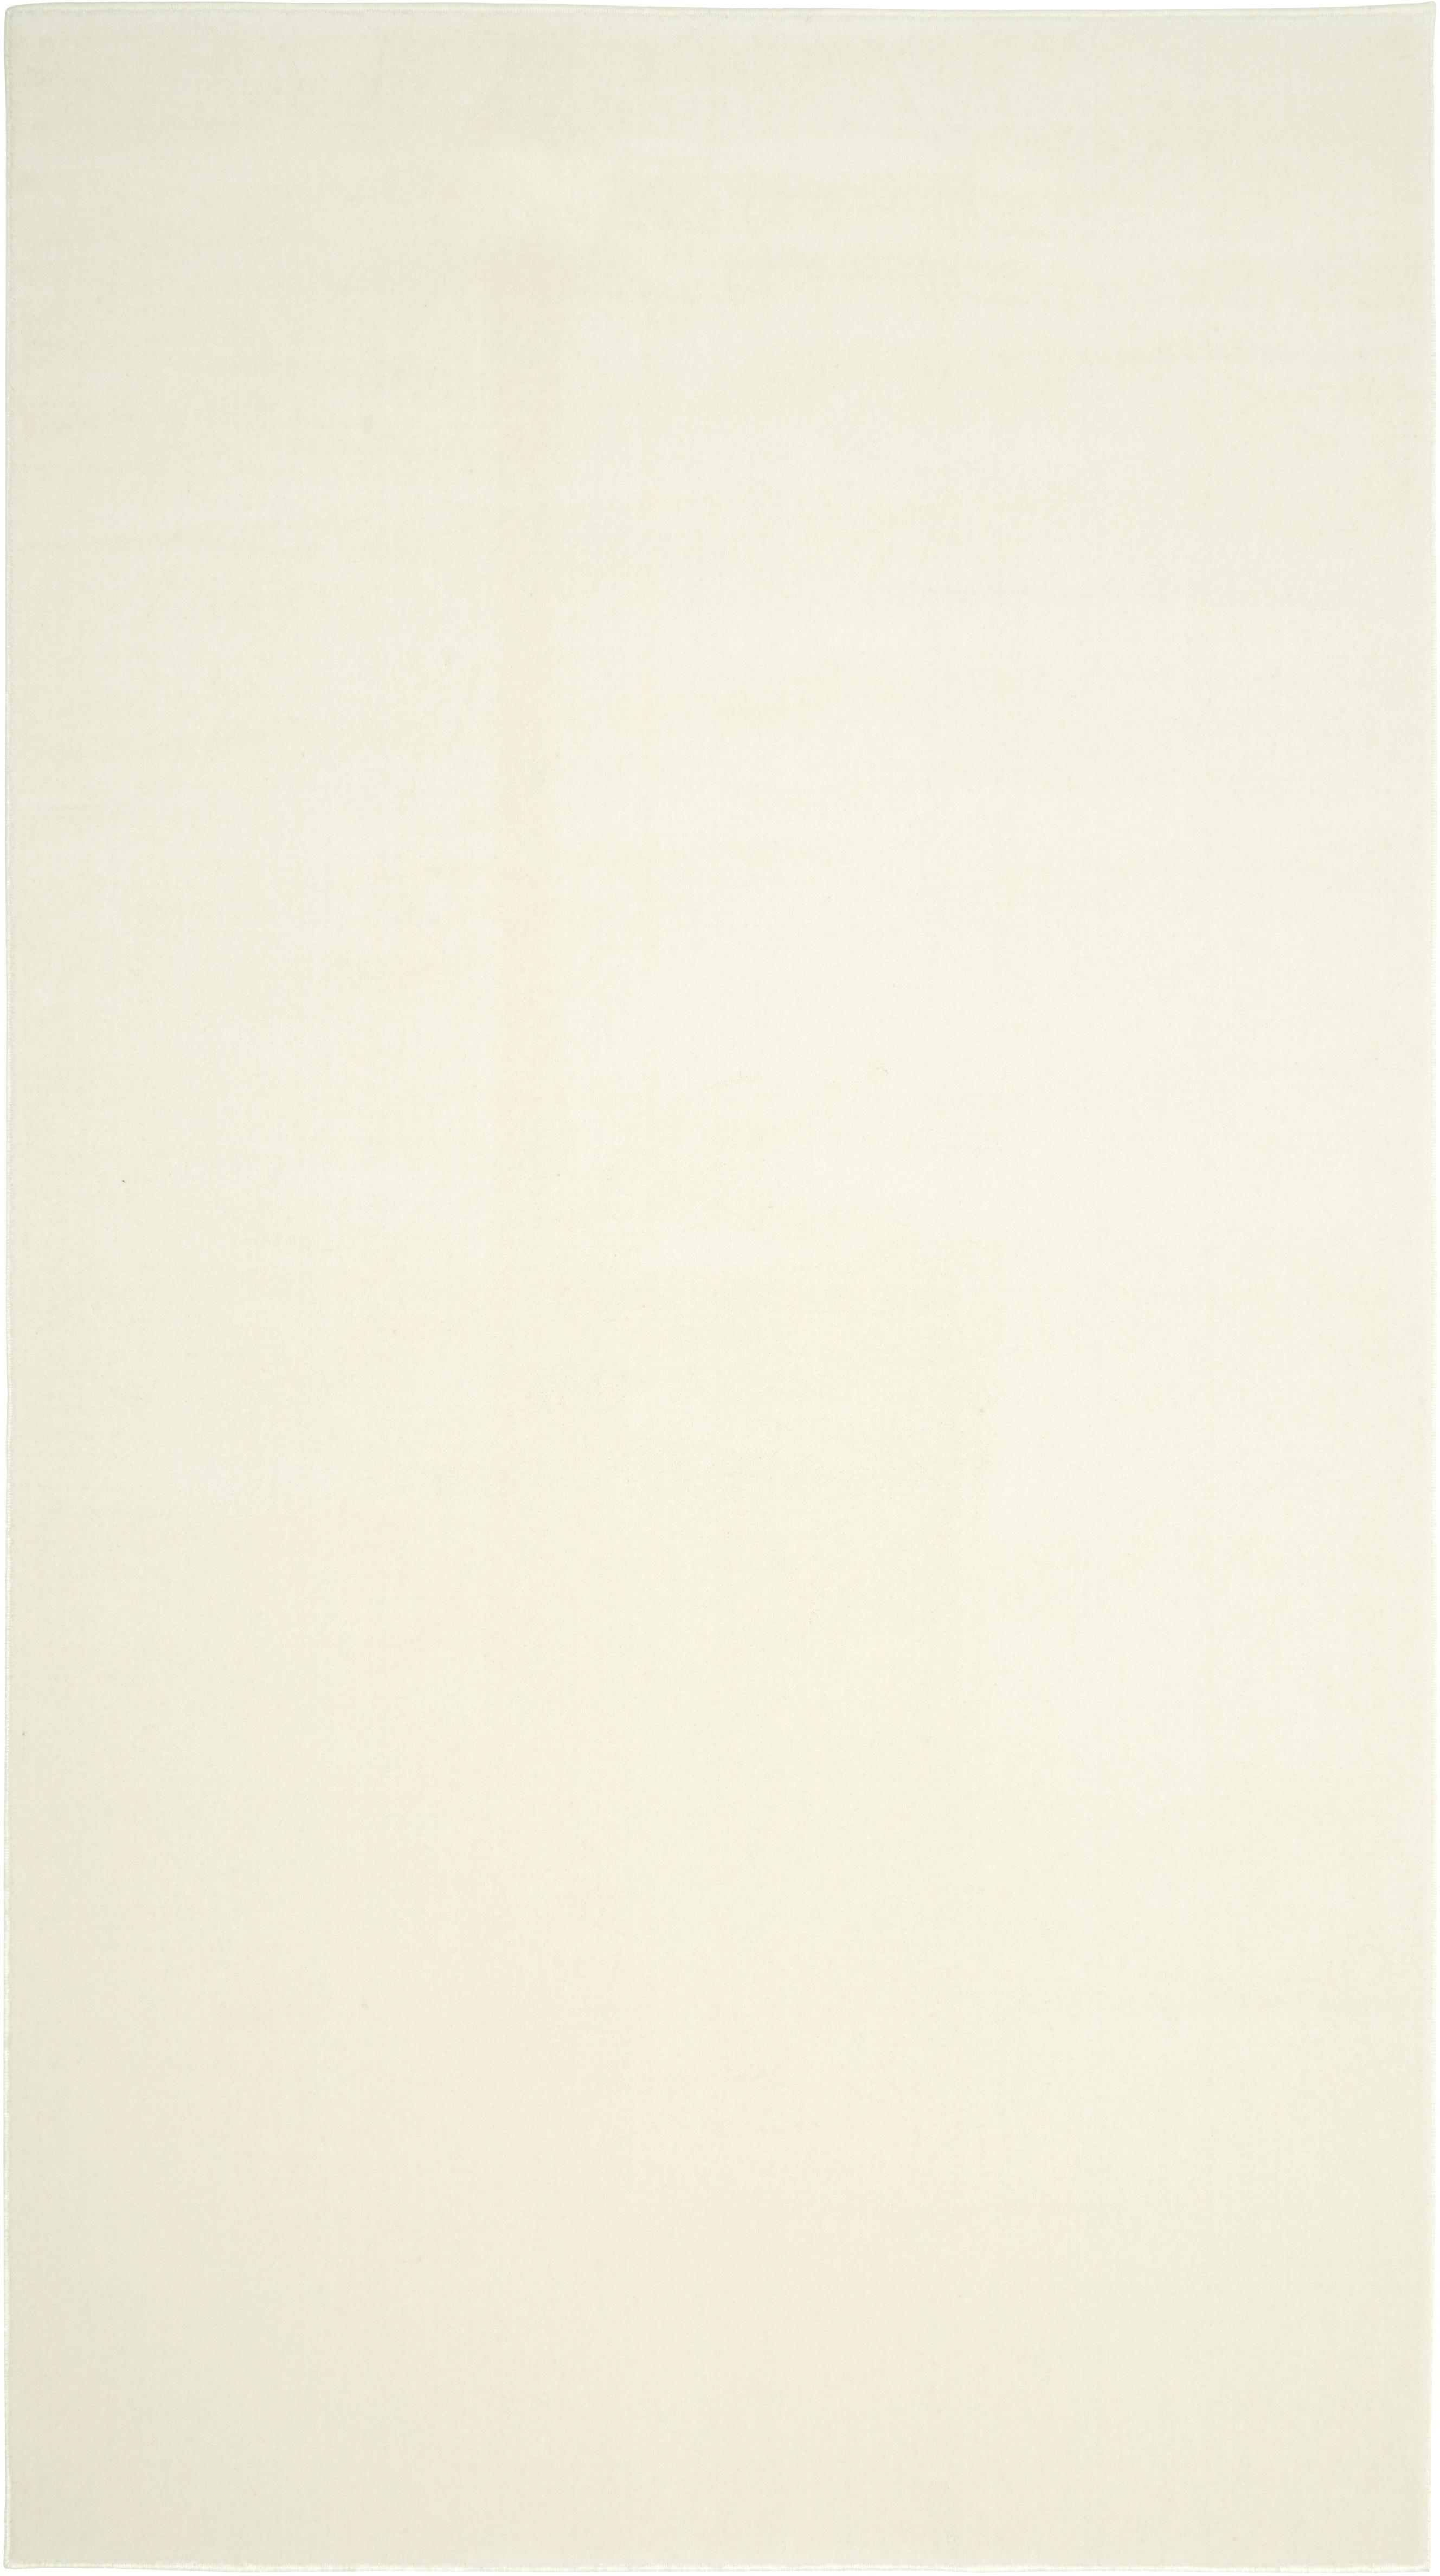 Chodnik z wełny Ida, Beżowy, S 60 x D 110 cm (Rozmiar XS)